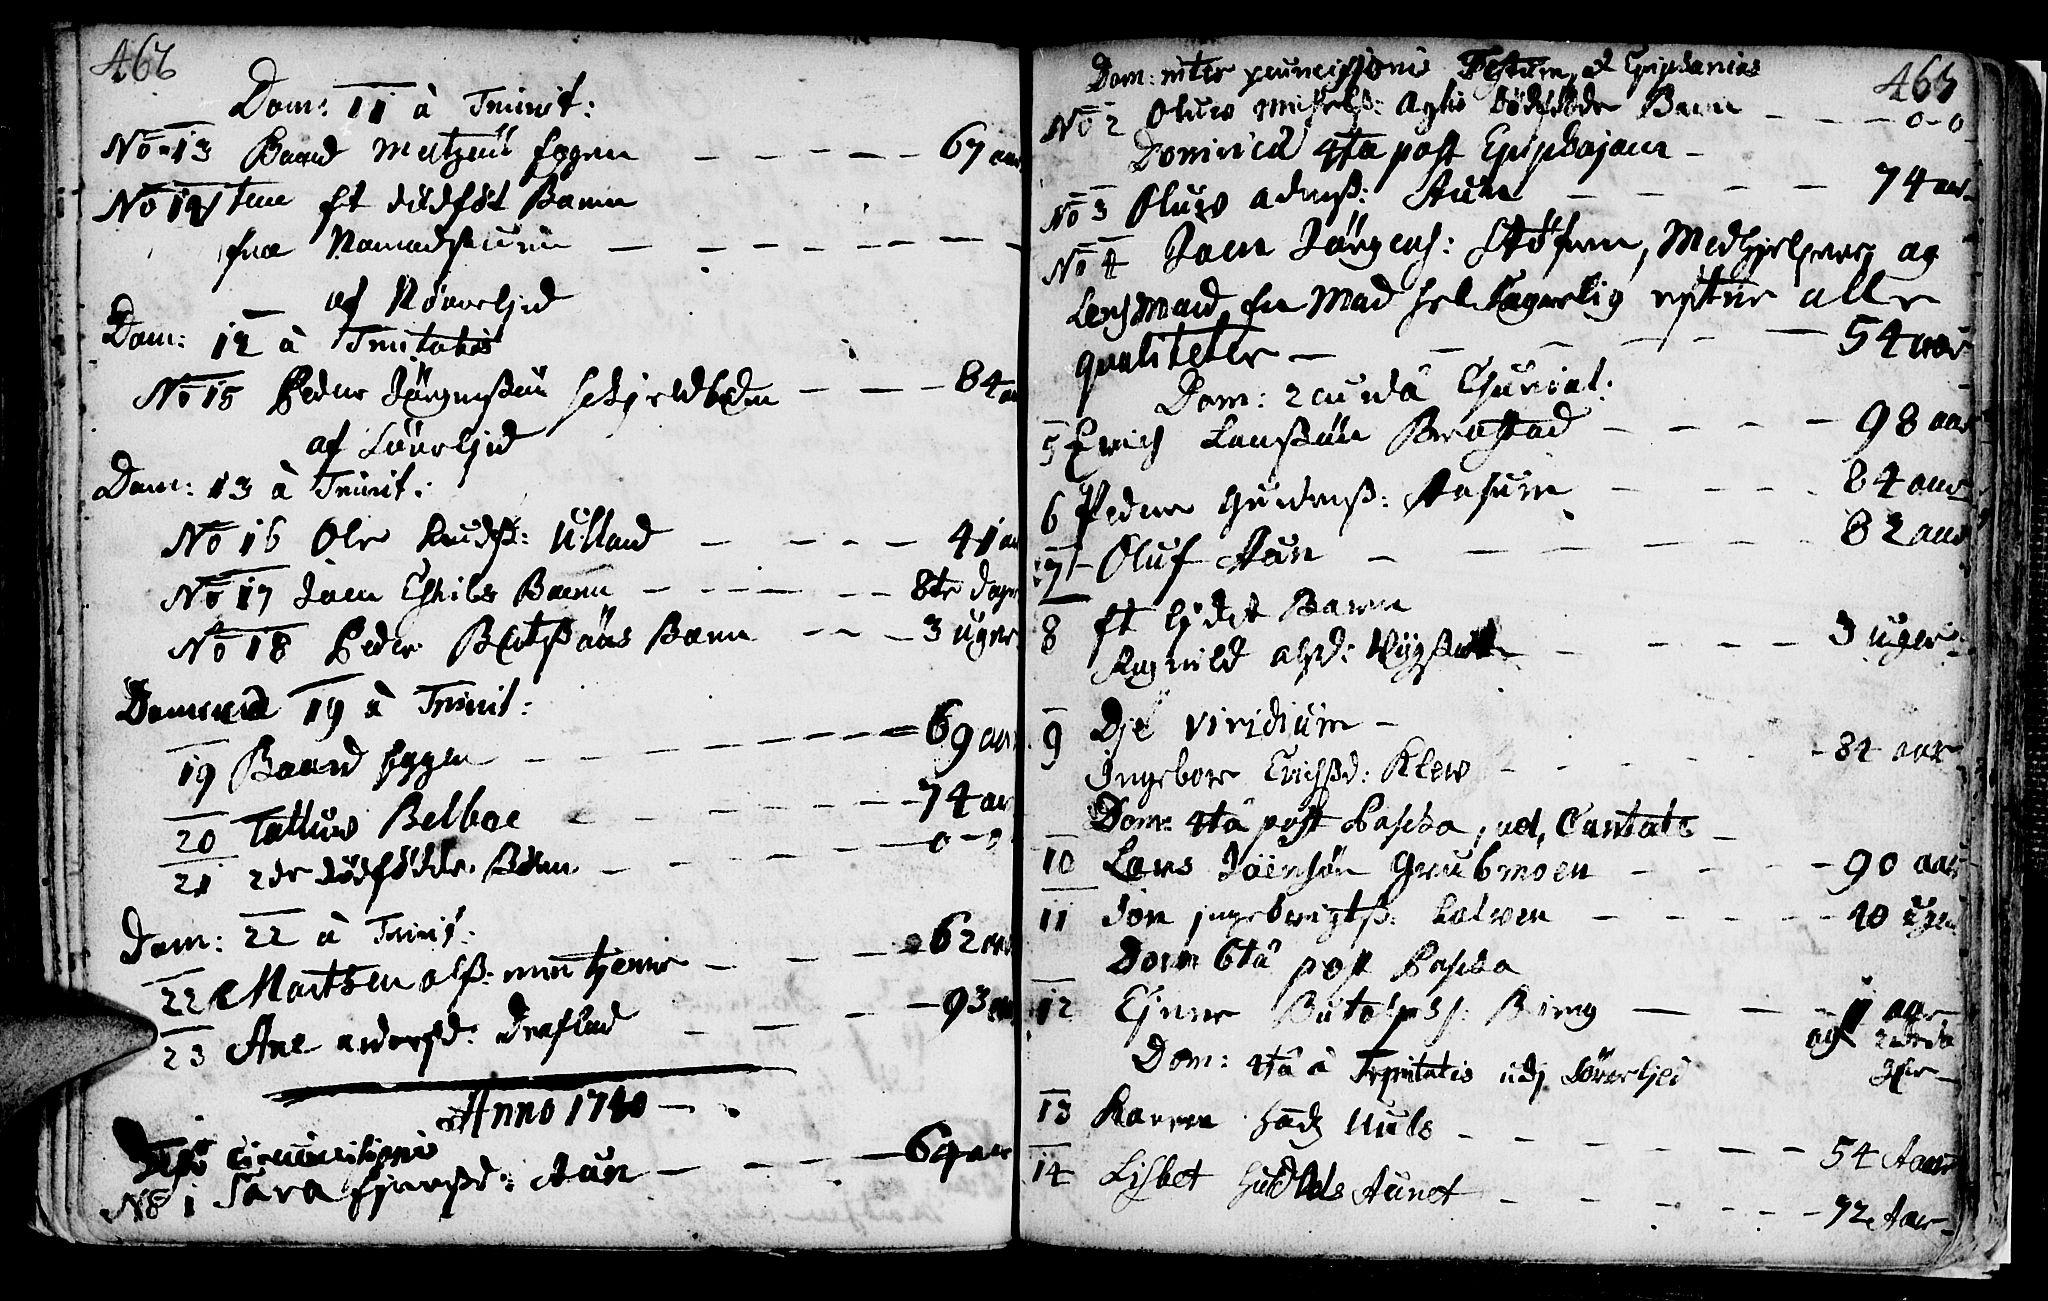 SAT, Ministerialprotokoller, klokkerbøker og fødselsregistre - Nord-Trøndelag, 749/L0467: Ministerialbok nr. 749A01, 1733-1787, s. 462-463